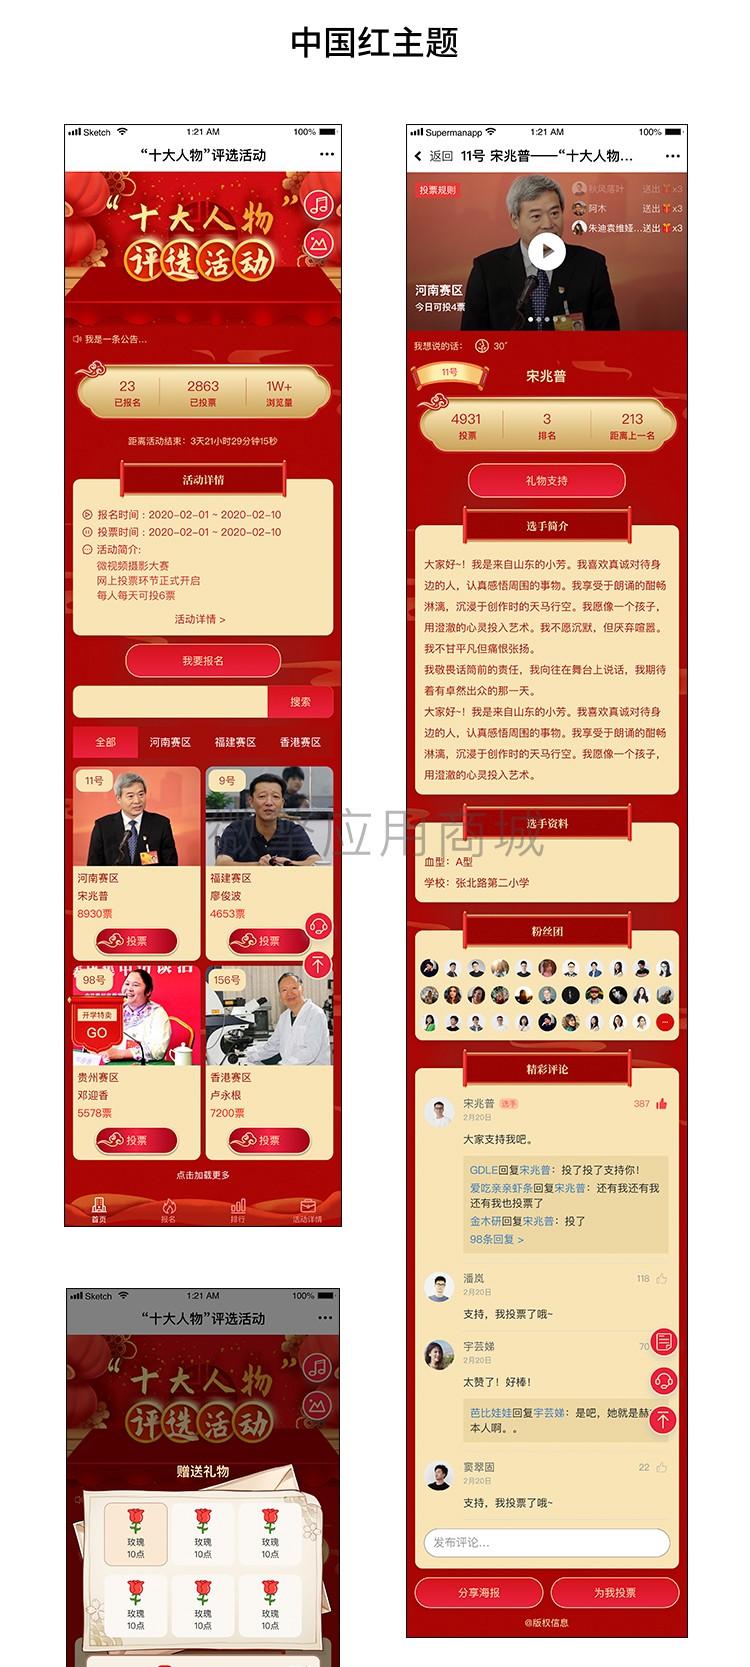 男神女神投票v6中国红主题  版本号:1.0.0插图(4)